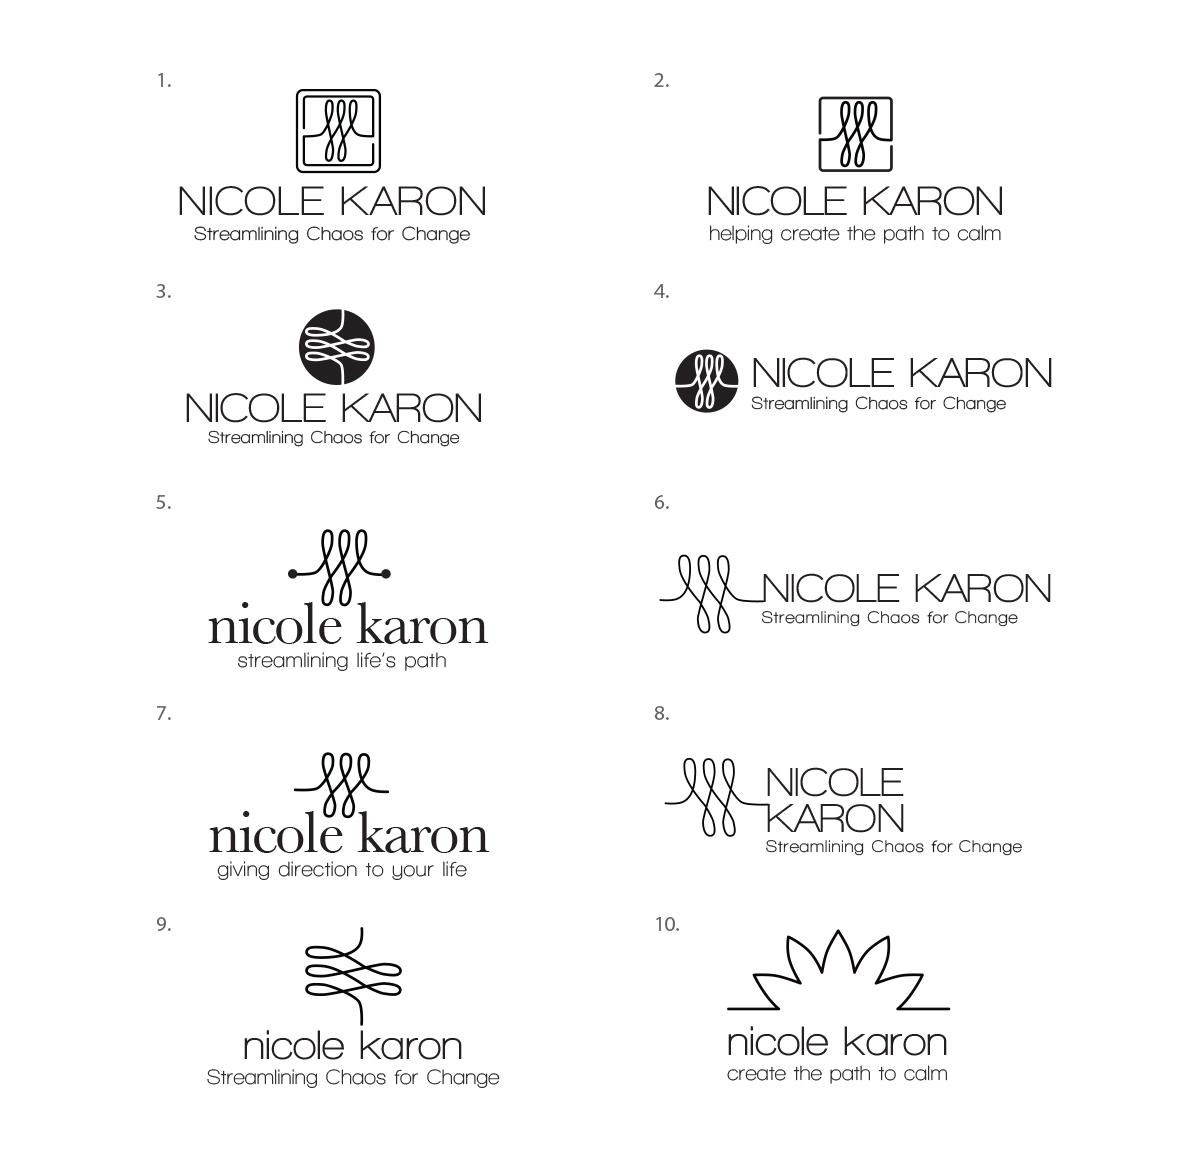 Nichole Karon Logo Ideas